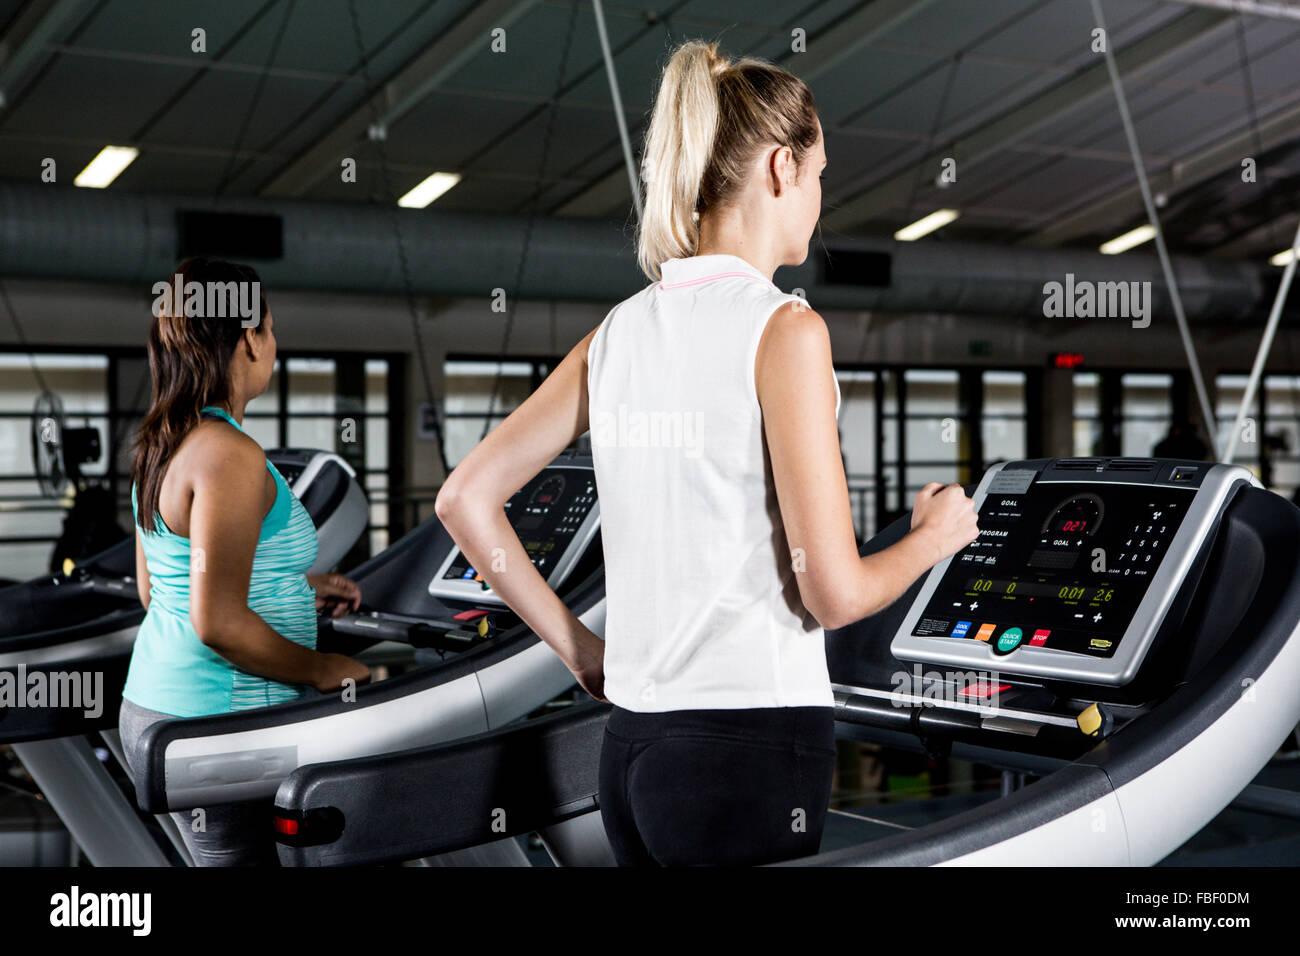 Women on treadmills - Stock Image